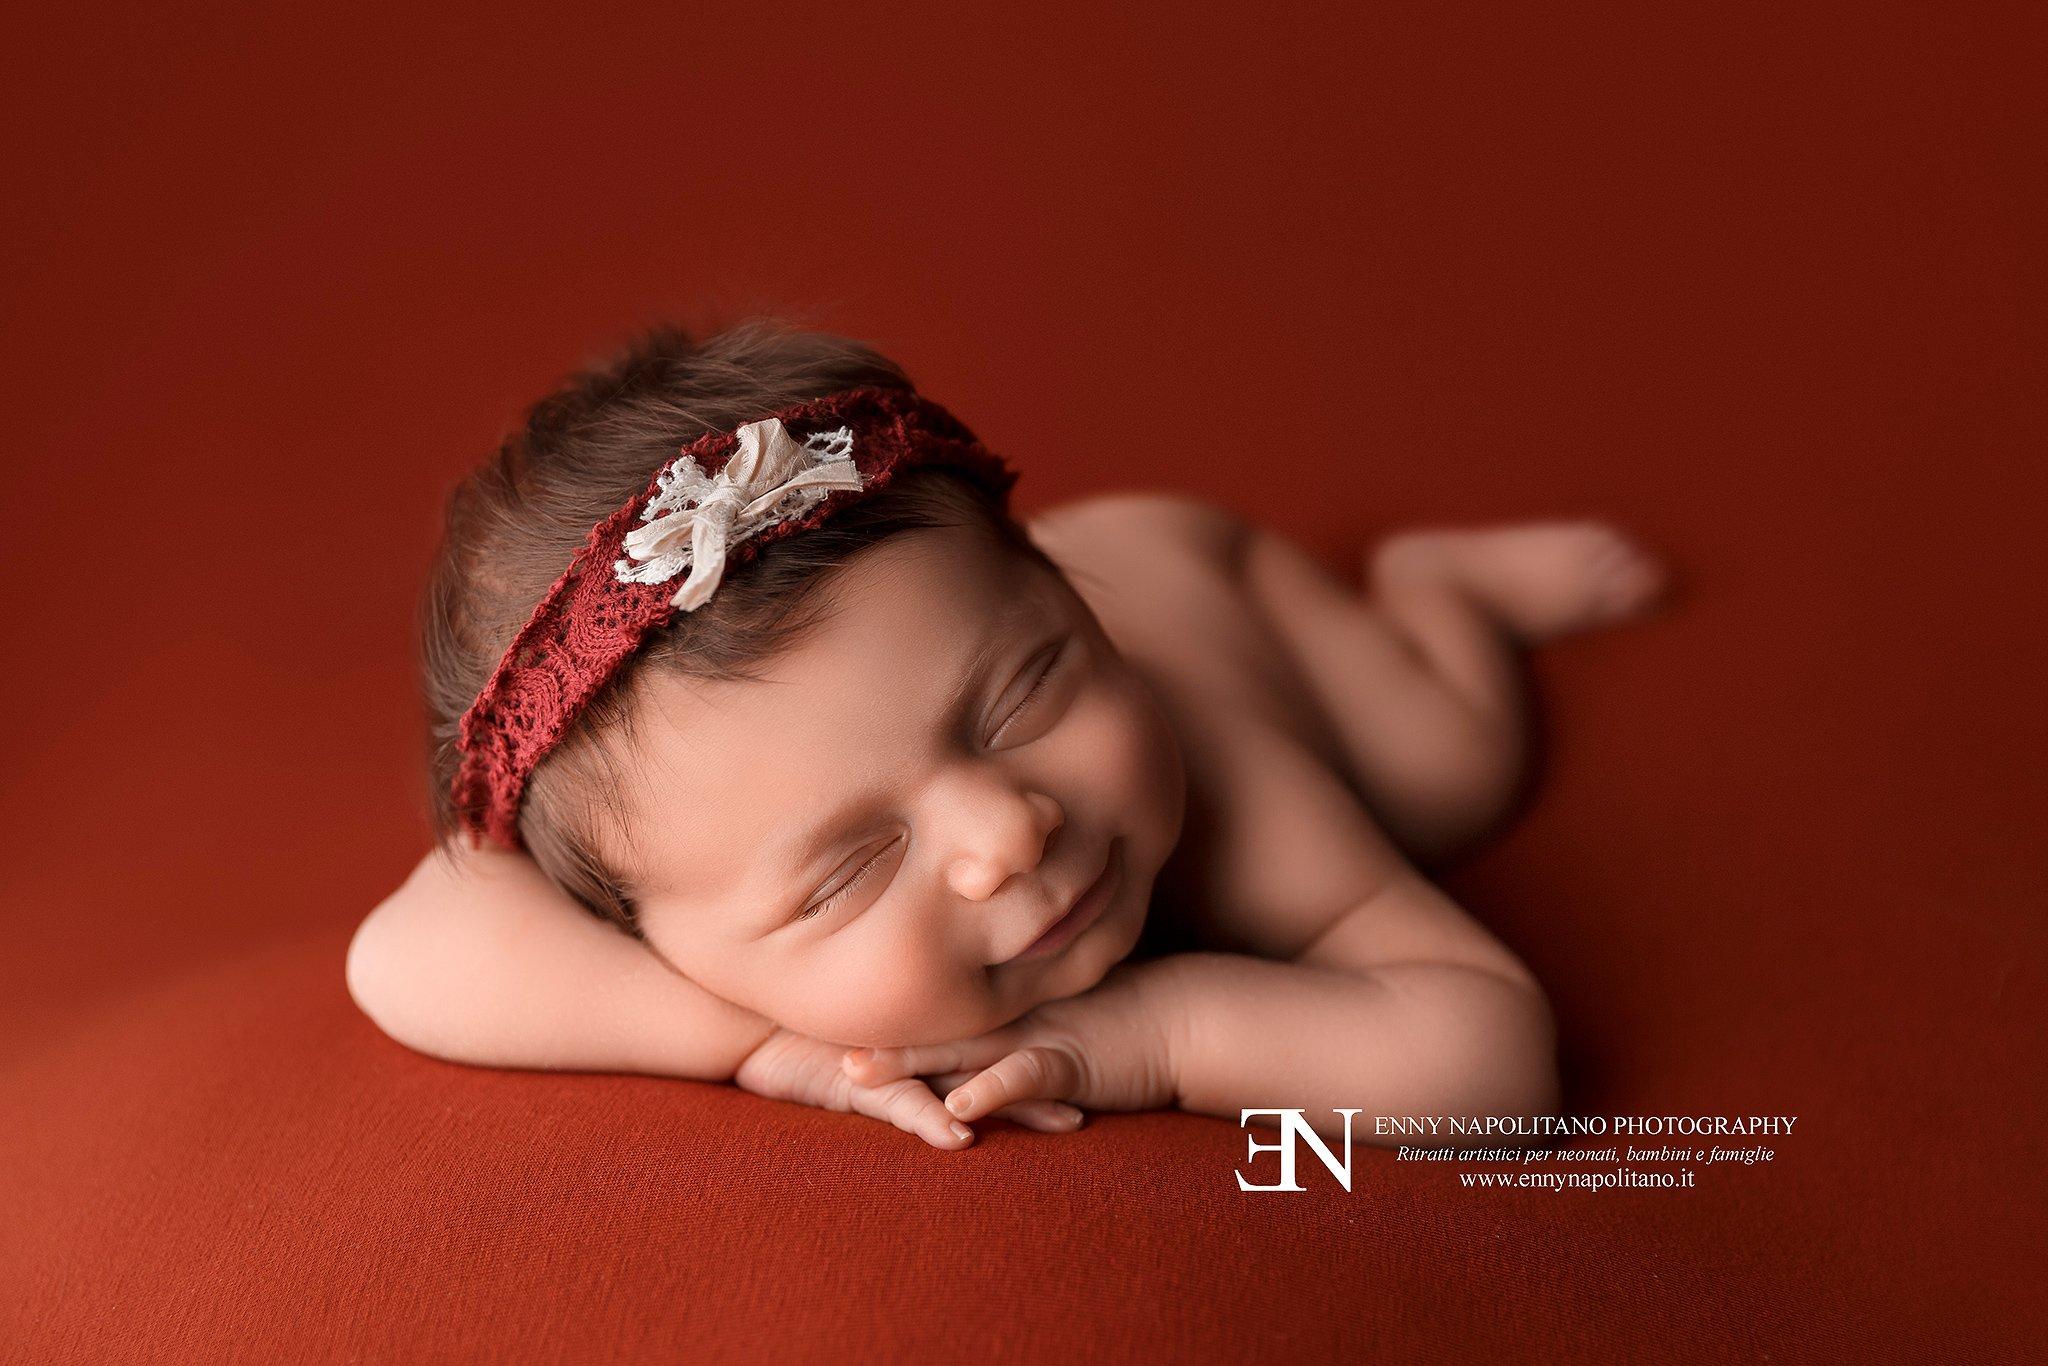 neonata che sorride in posa durante un servizio fotografico newborn a Milano, Pavia, Bergamo, Monza, Brescia, Lodi